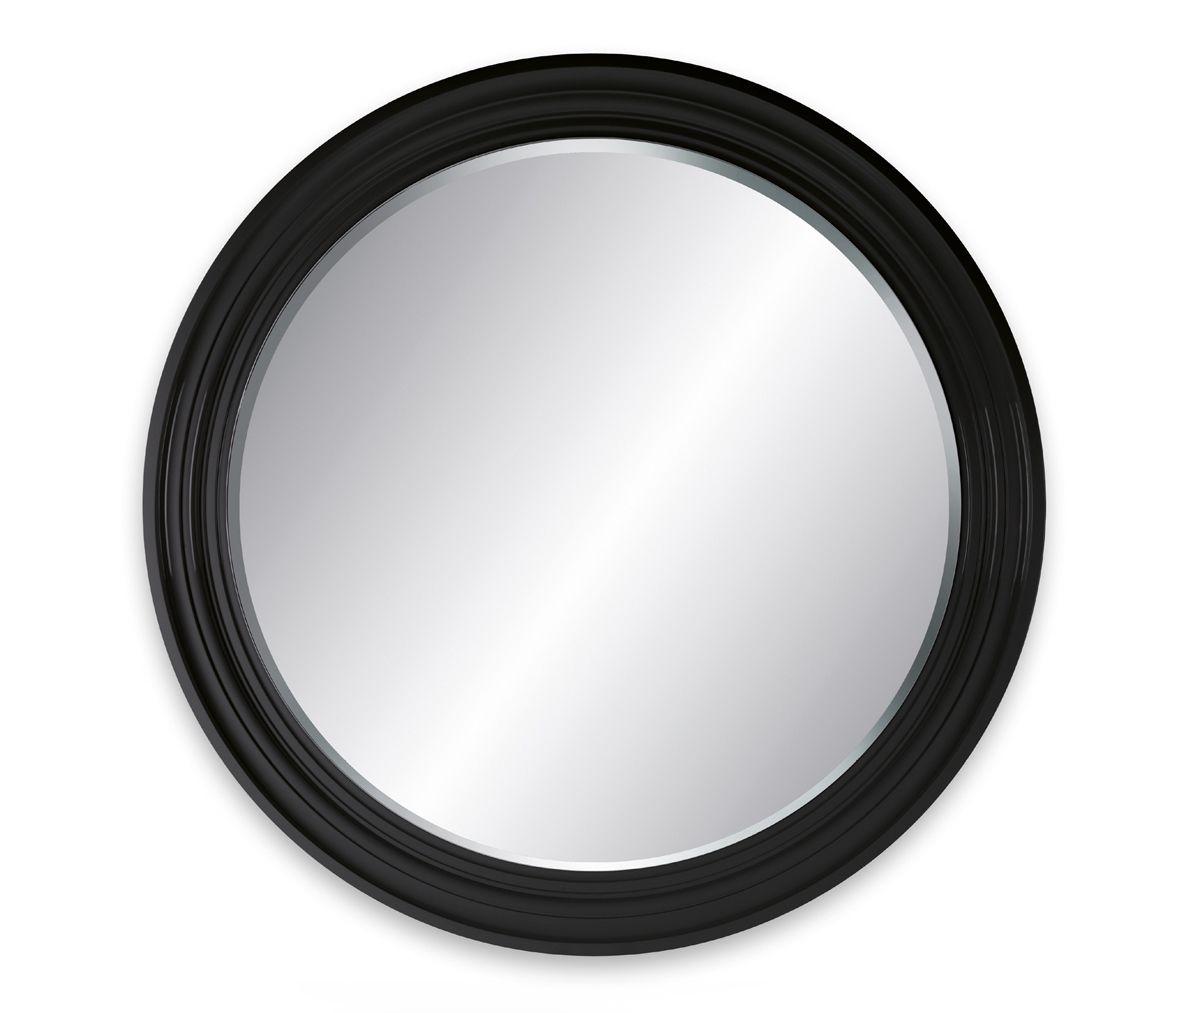 espejo de pared moderno redondo para centro de esttica nabucco gamma u bross